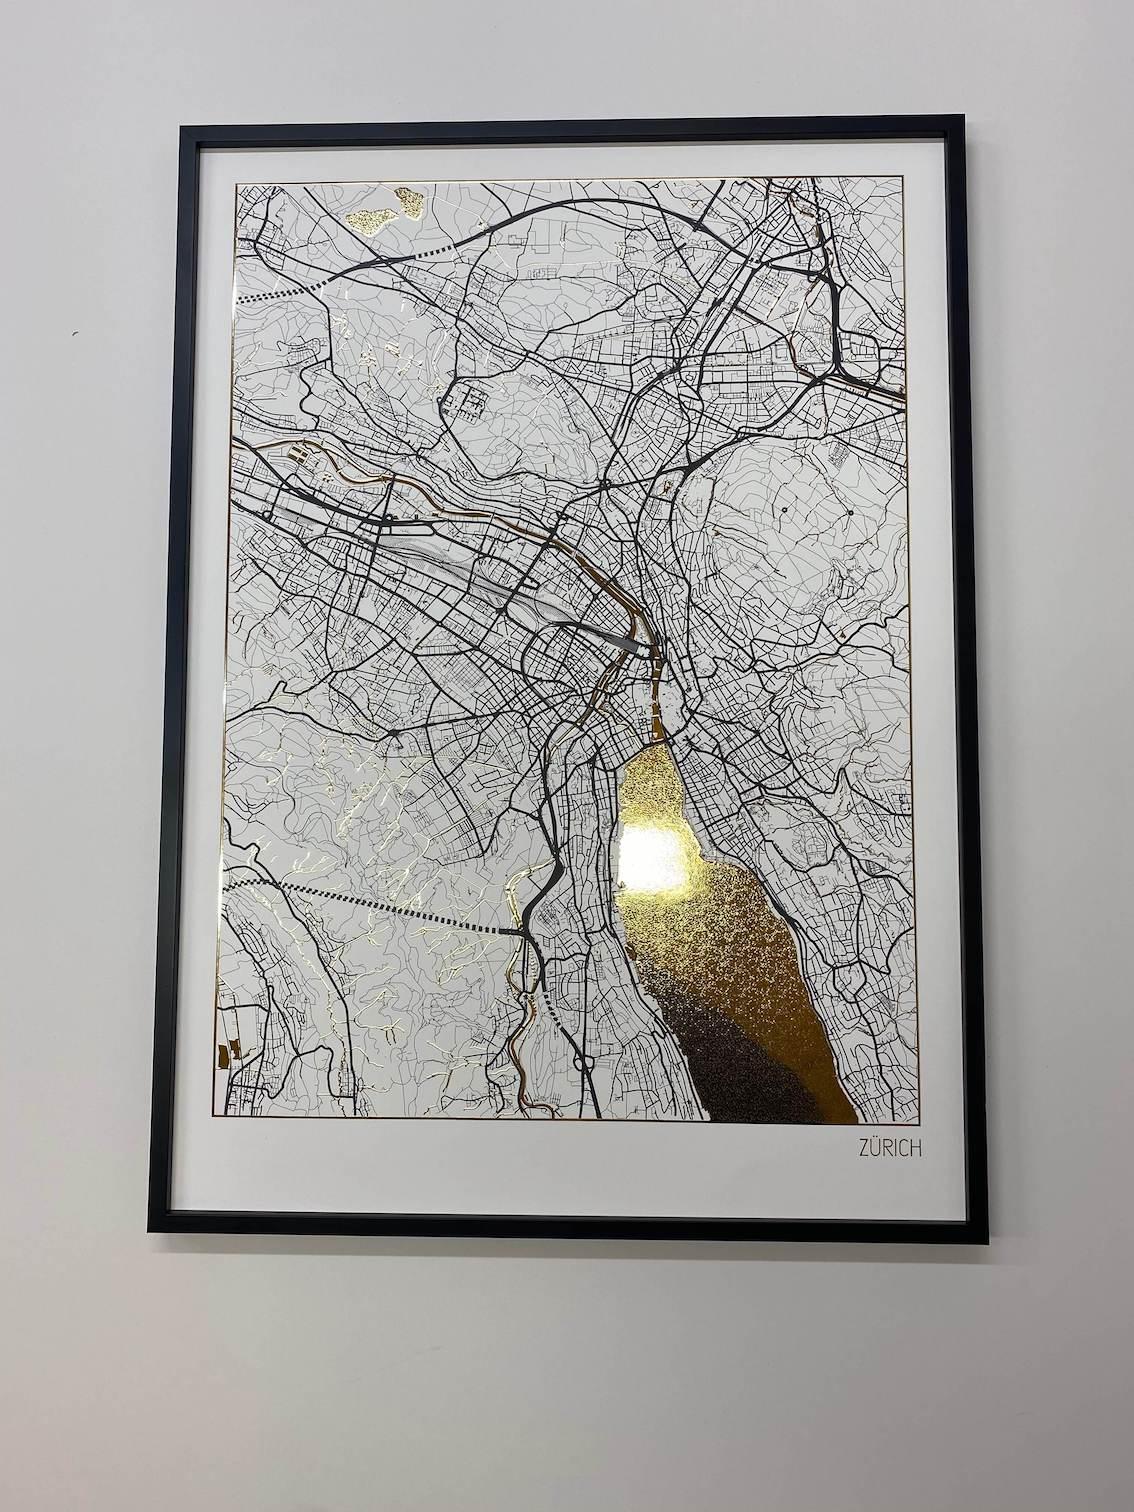 Positive Prints Premium-Poster Stadtplan von Zürich | Plakate mit Gold